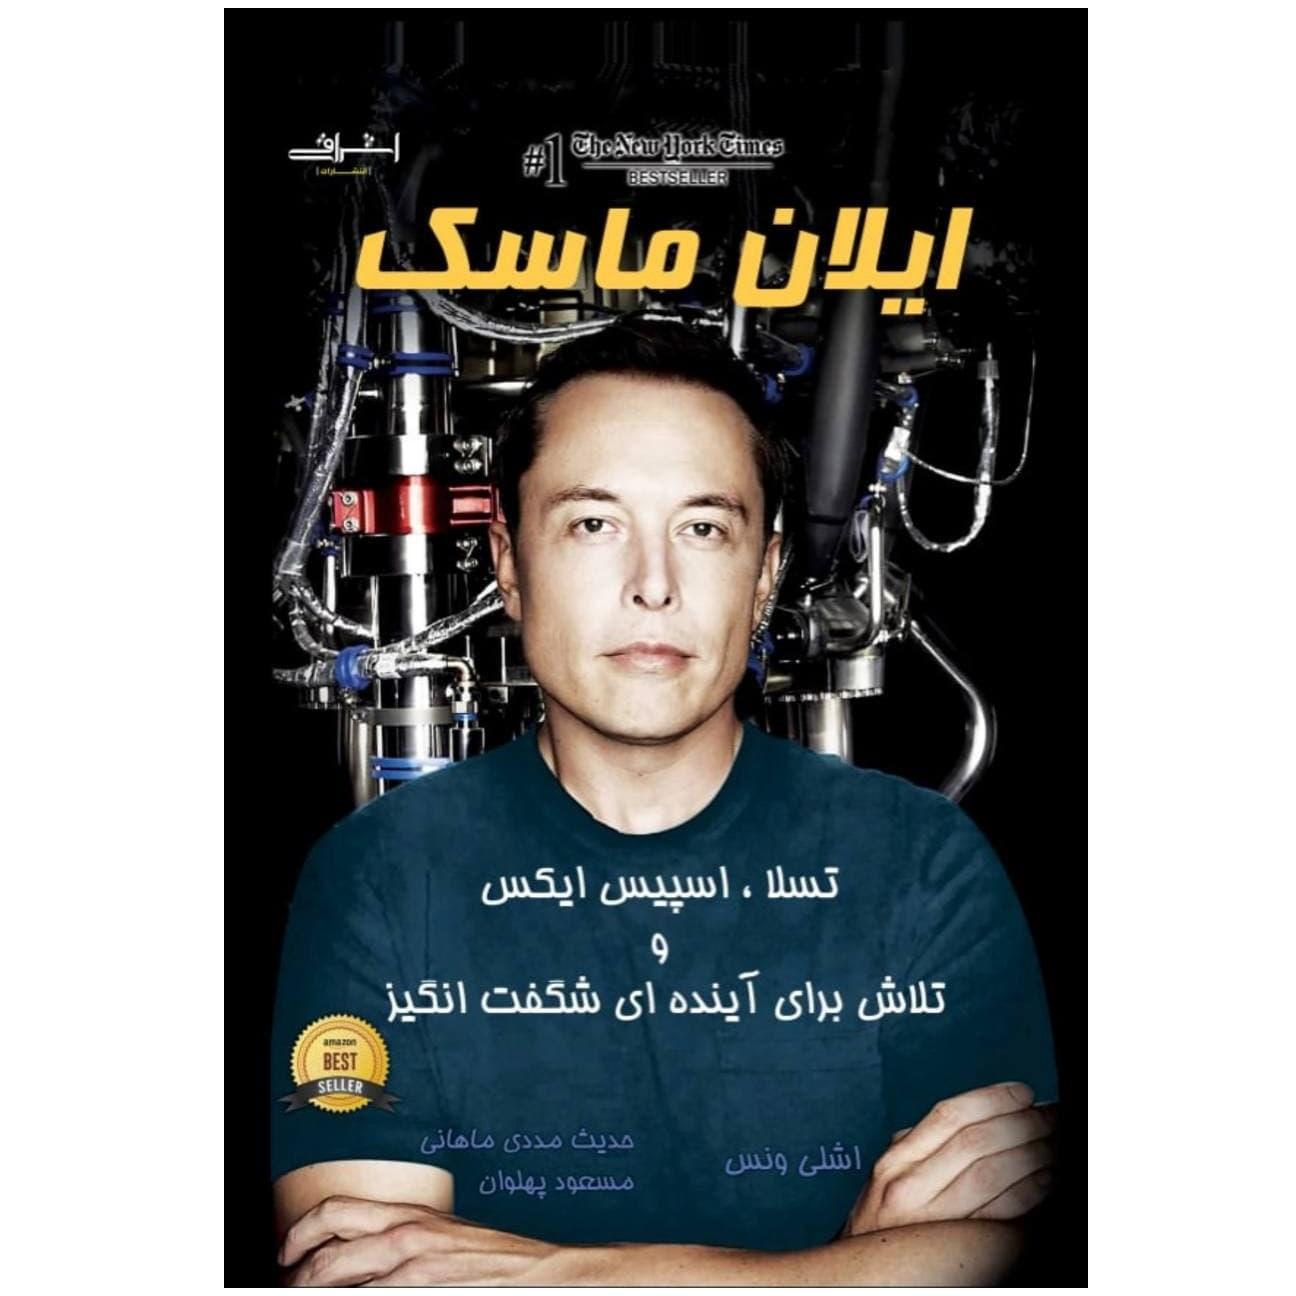 كتاب ايلان ماسك اثر اشلي ونس انتشارات اشراقي